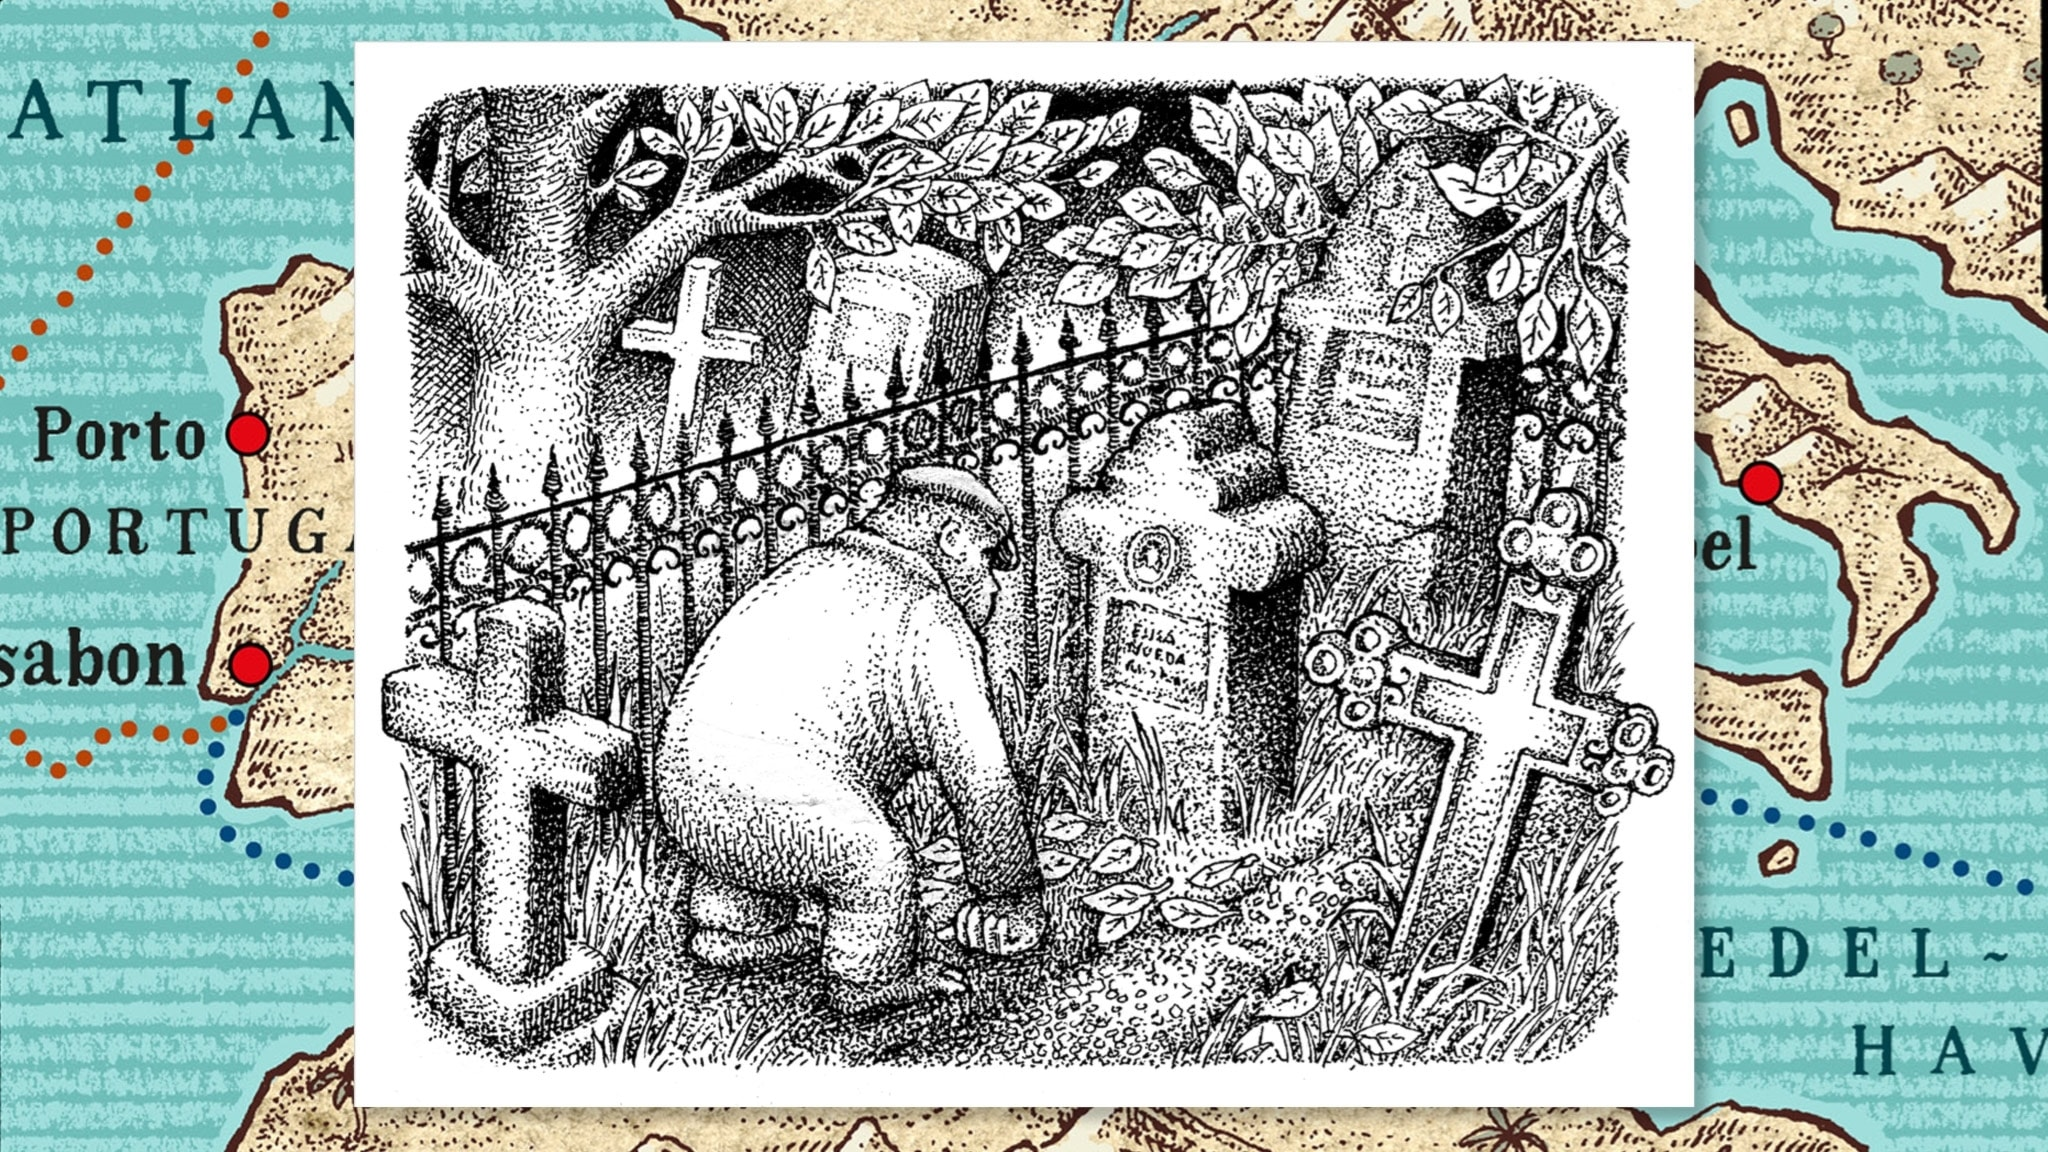 Mördarens apa del 3 av 10: Elisa Gomes grav